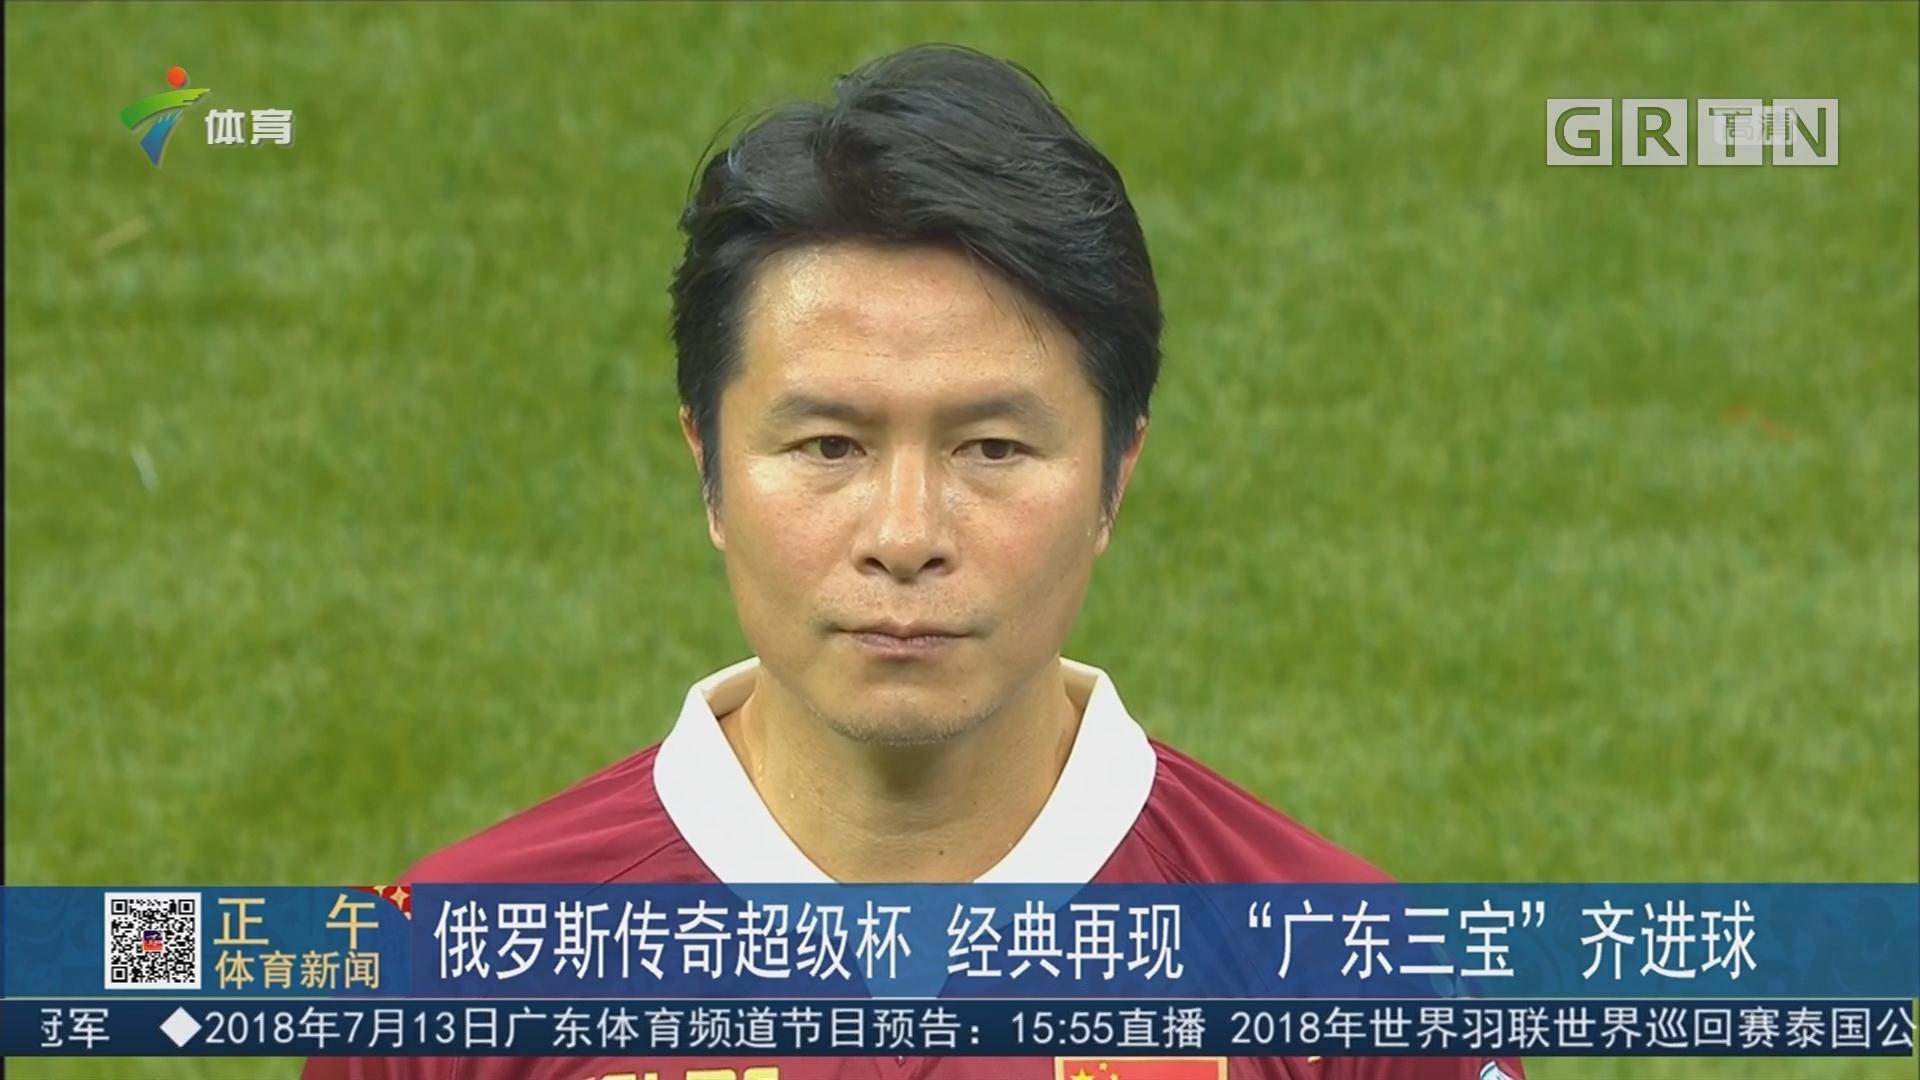 """俄罗斯传奇超级杯 经典再现 """"广东三宝""""齐进球"""